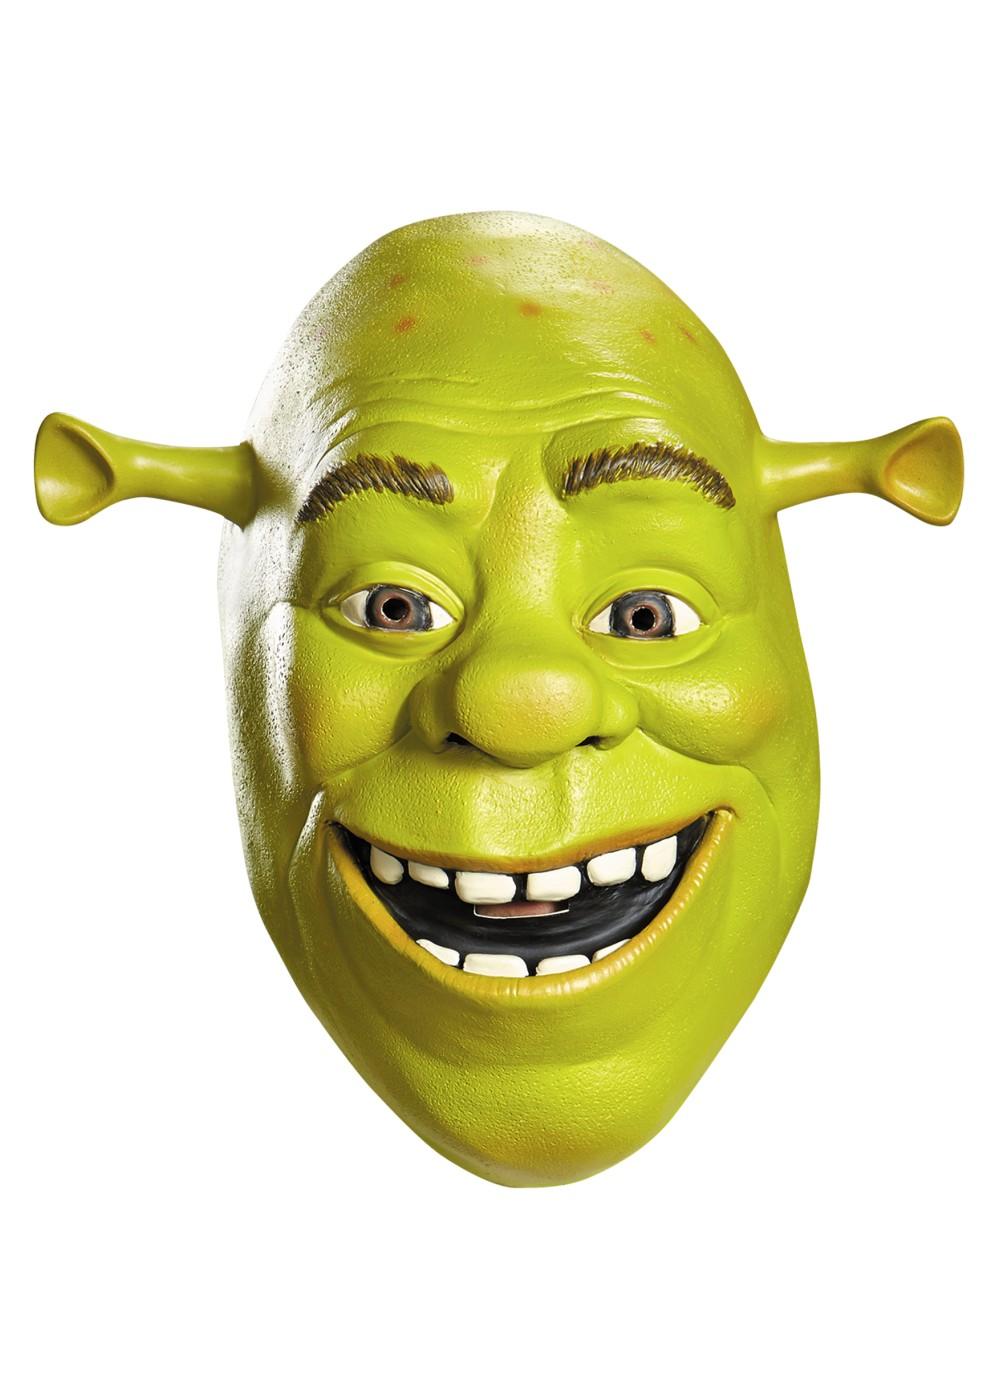 Shrek Latex Mask Masks